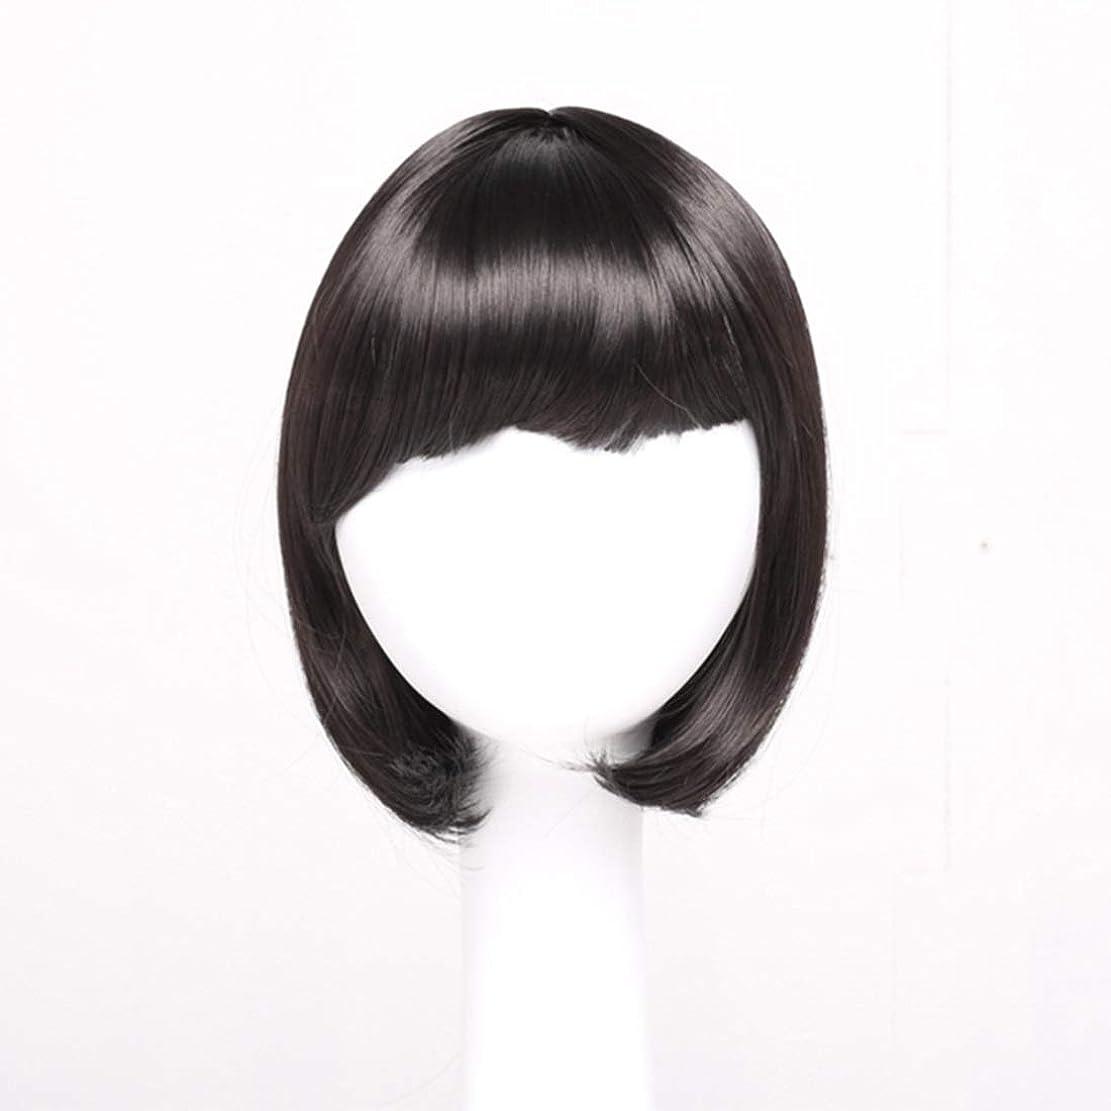 品揃え害原子Kerwinner レディースブラックショートストレートヘアー前髪付き前髪ウェーブヘッドかつらセットヘッドギア (Color : Navy brown)